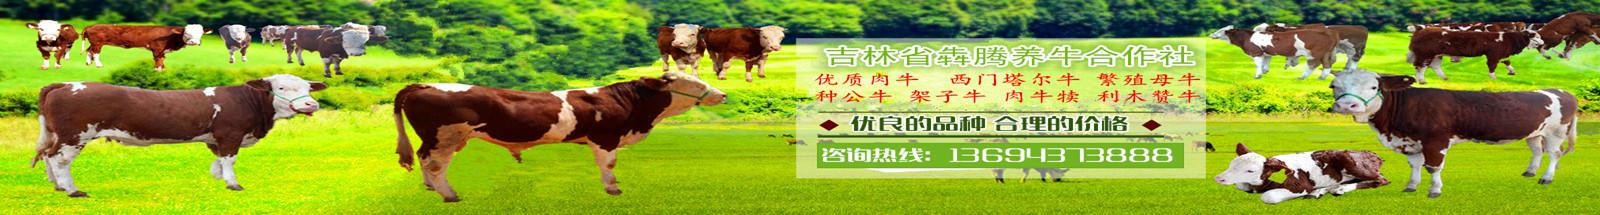 肉牛|西门塔尔牛|肉牛价格|牛犊|牛犊价格|肉牛养殖|吉林肉牛|东北肉牛|母牛价